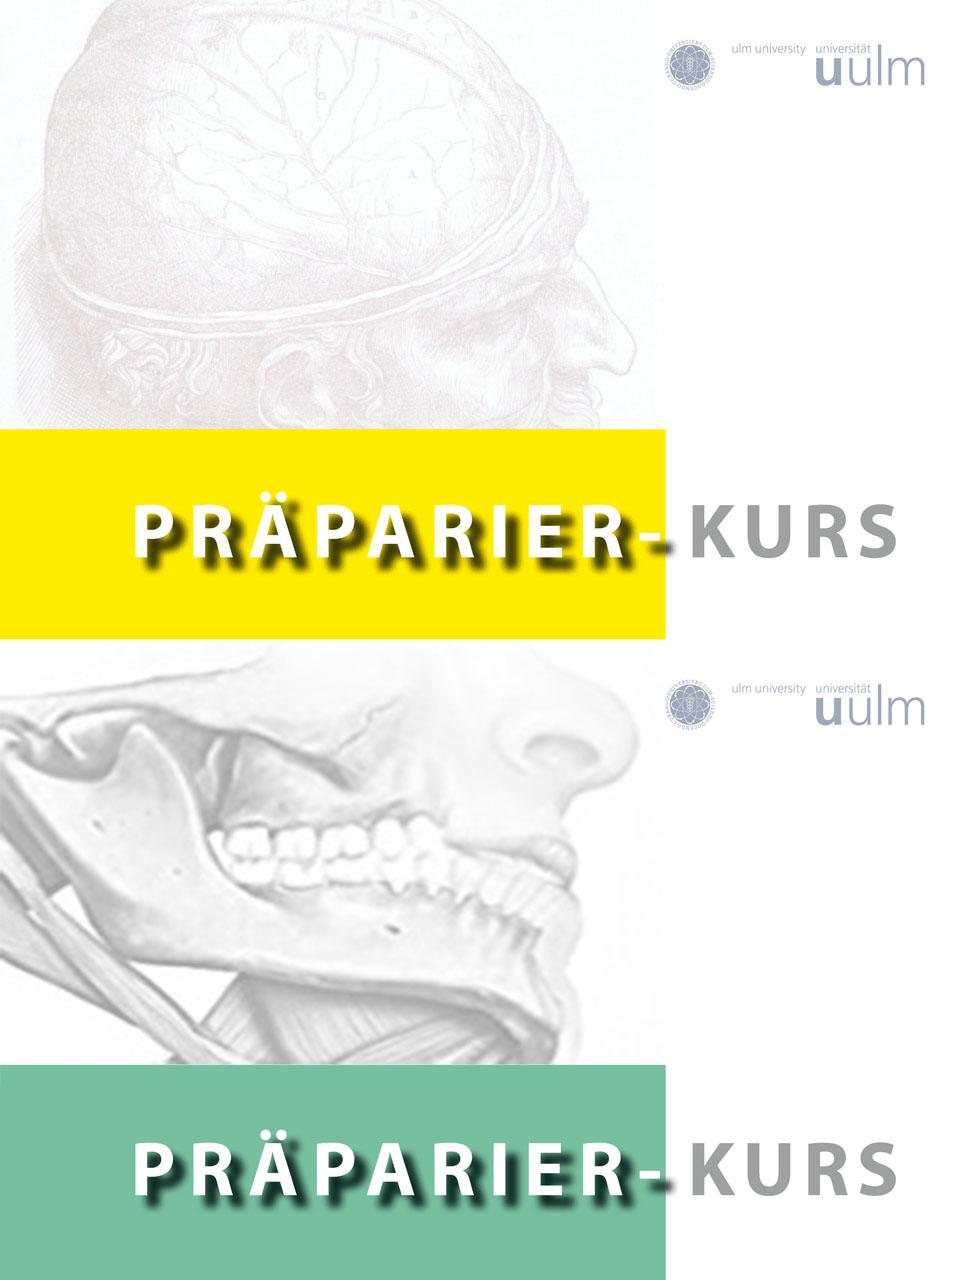 Präparierkurs - Universität Ulm